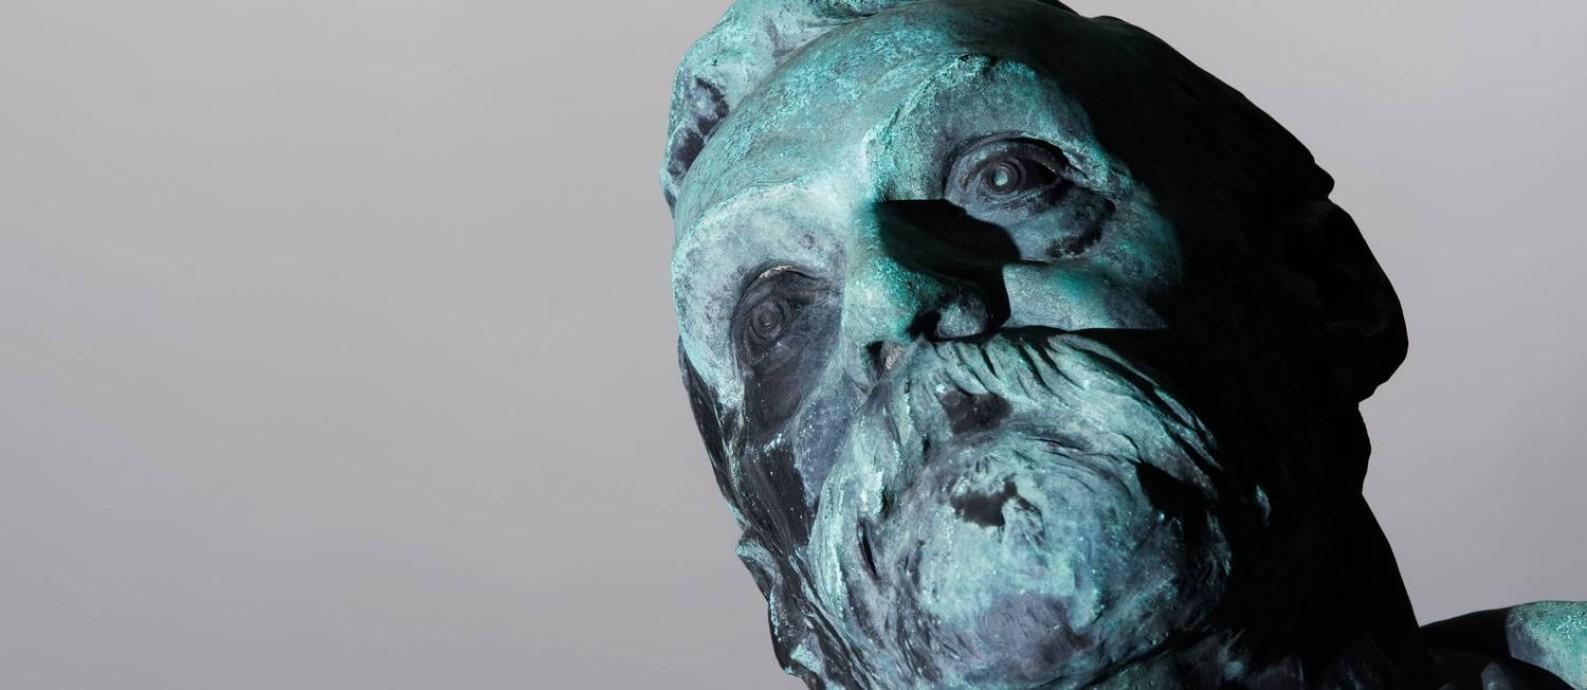 Estátua do criador do prêmio, o sueco Alfred Nobel, no Instituto Karolinska, em Estocolmo Foto: JONATHAN NACKSTRAND / AFP